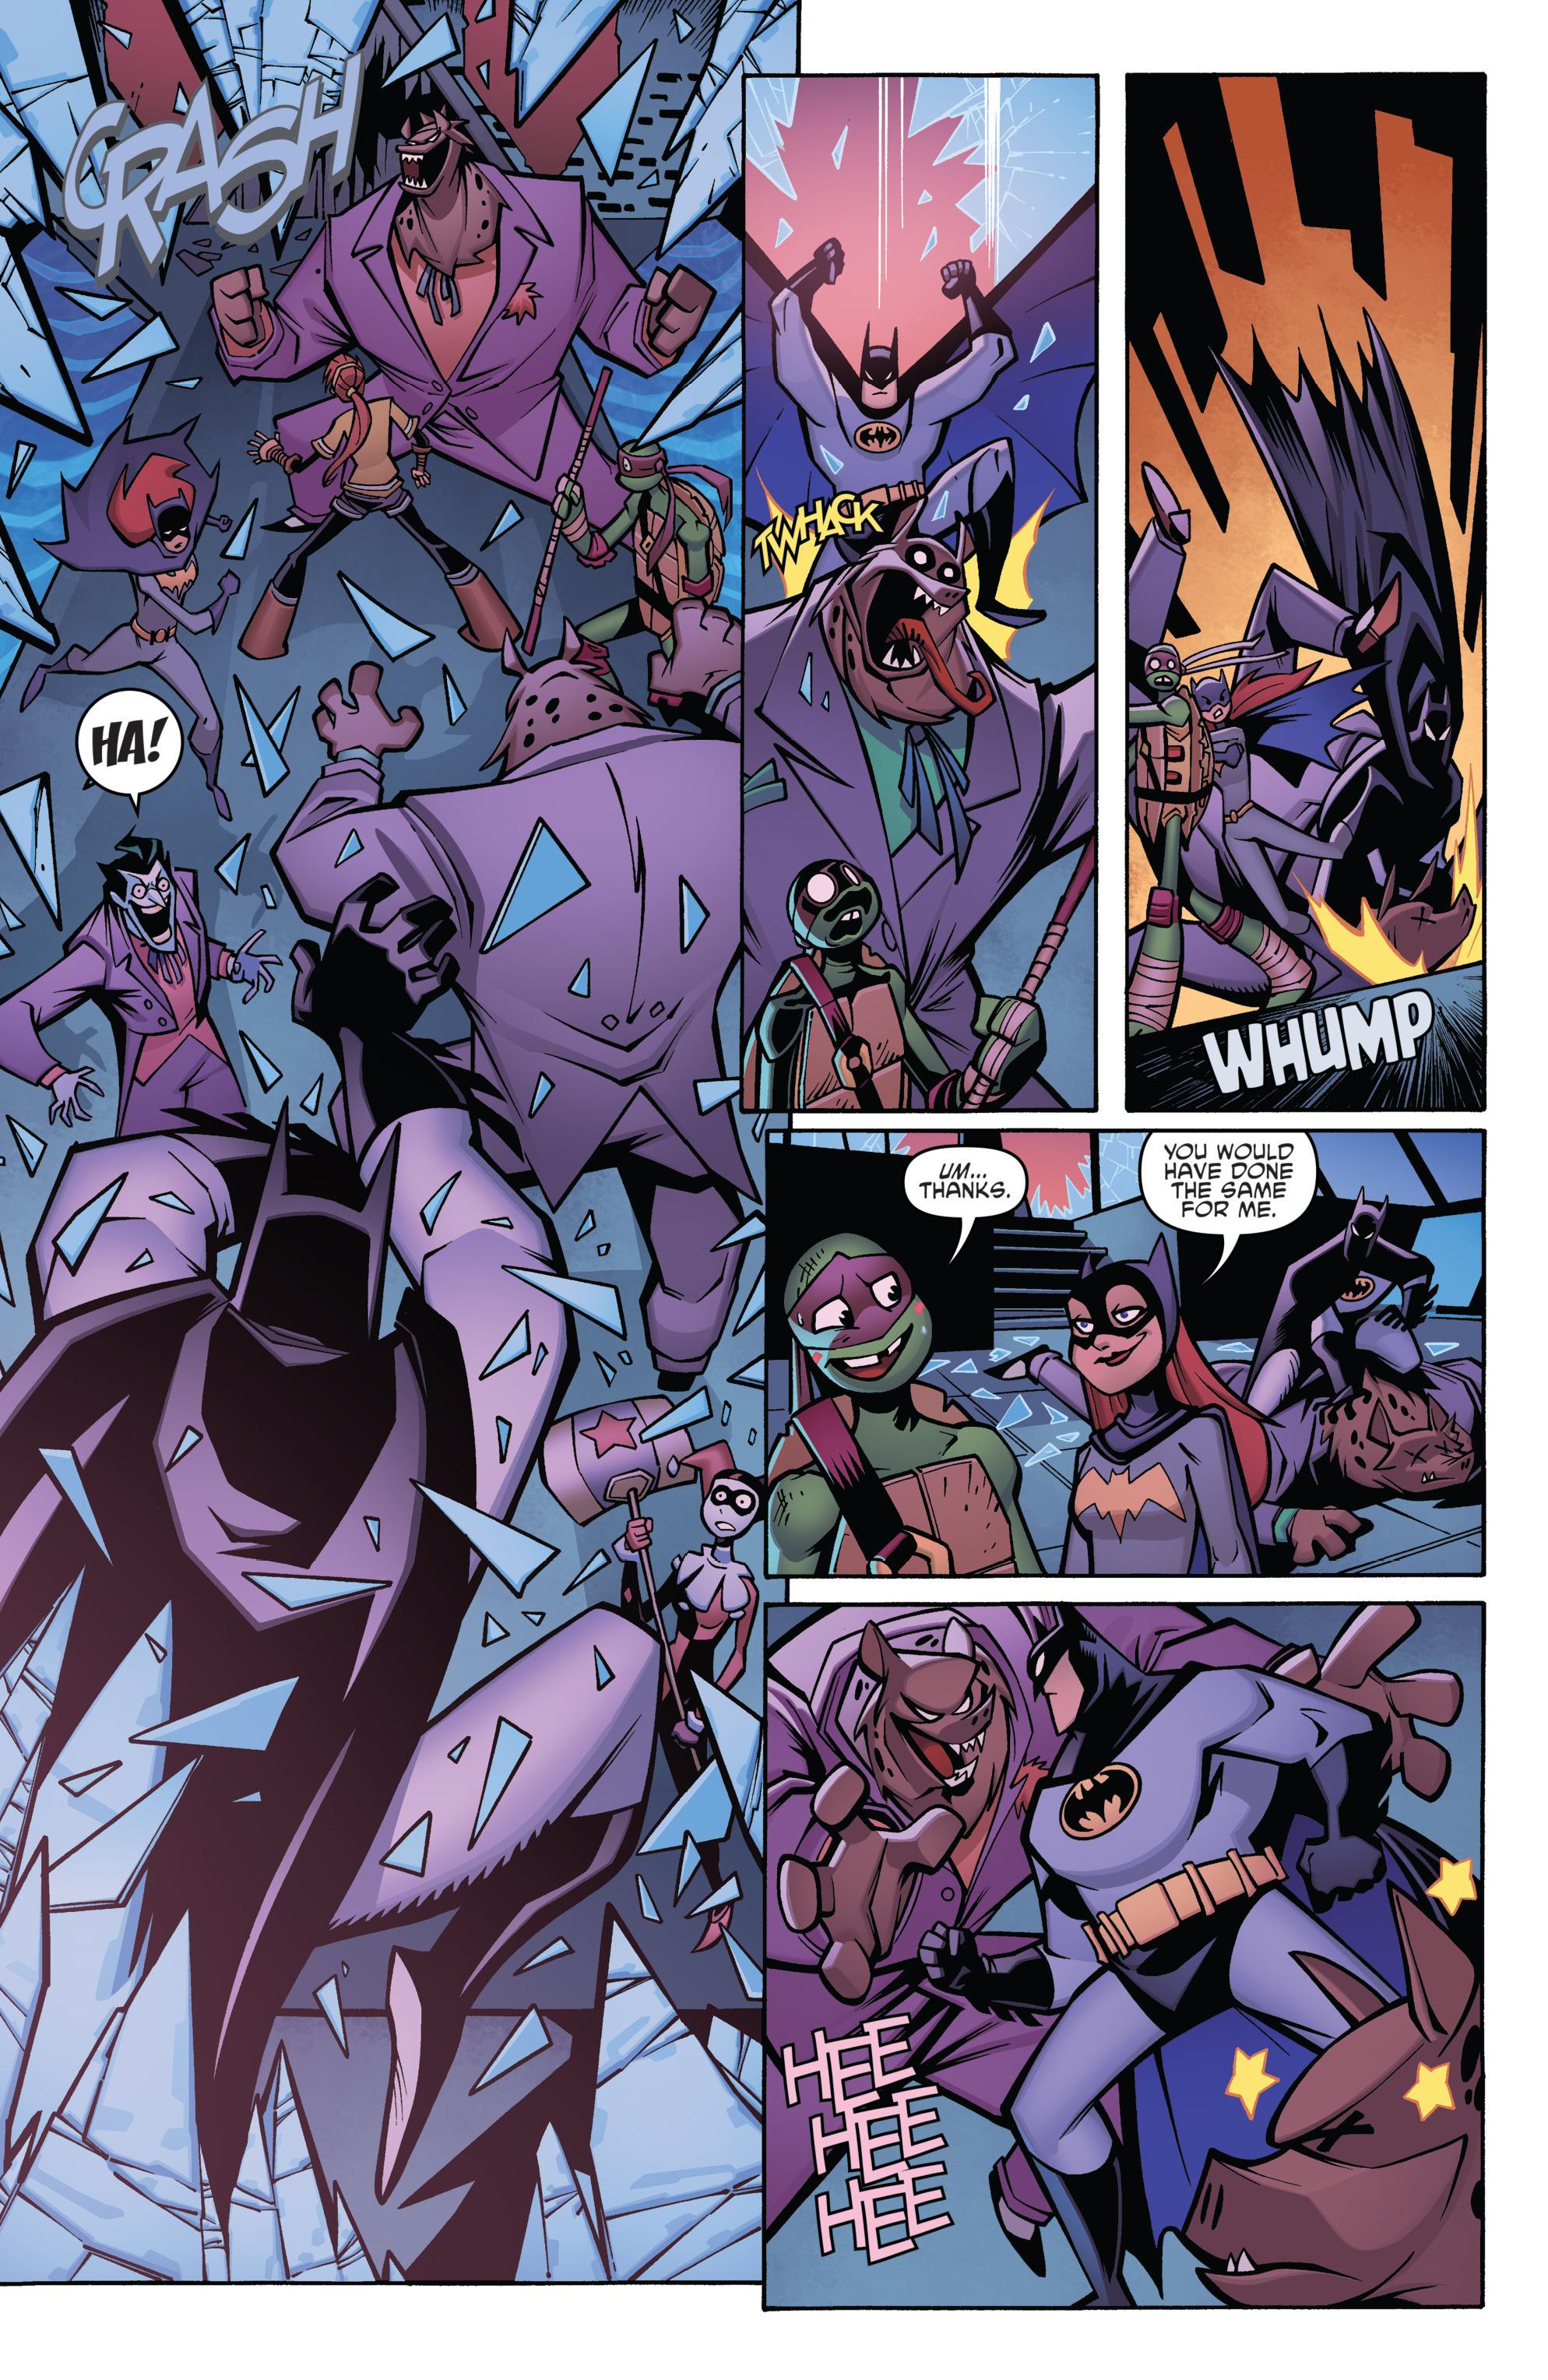 Read online Batman/Teenage Mutant Ninja Turtles Adventure comic -  Issue #4 - 18